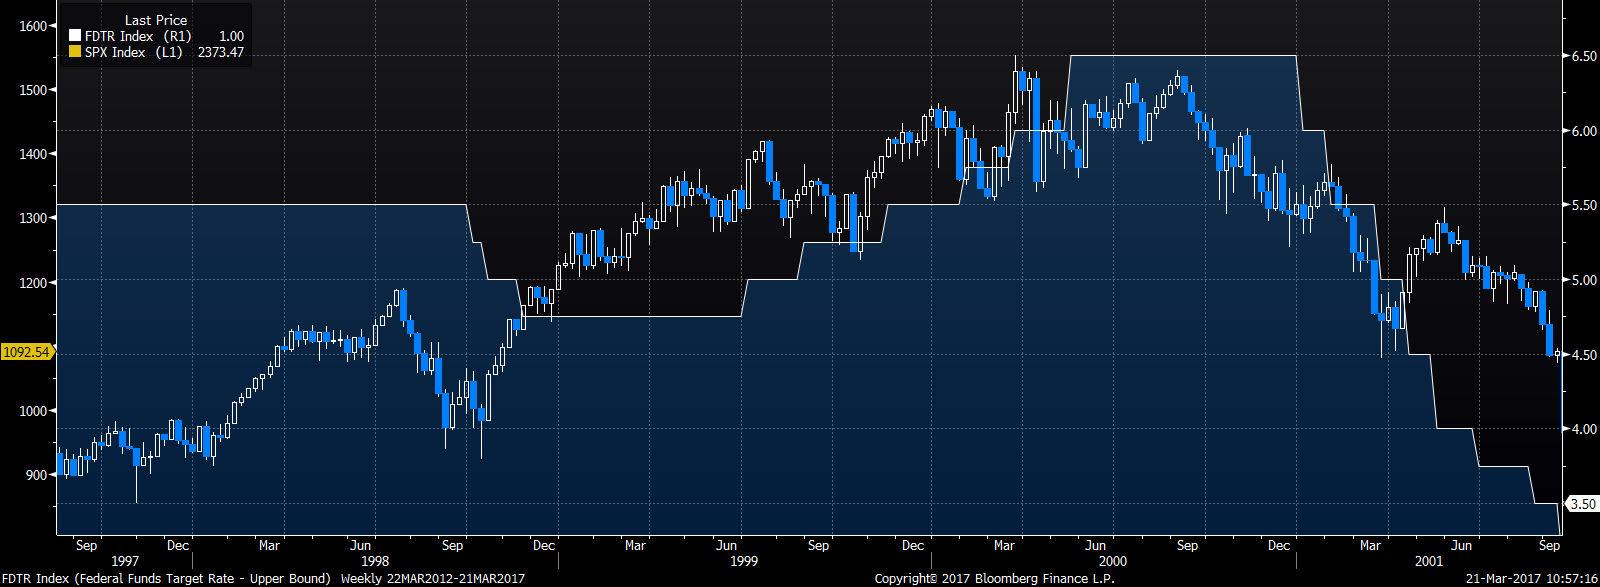 Zacieśnianie monetarne 1999-2000